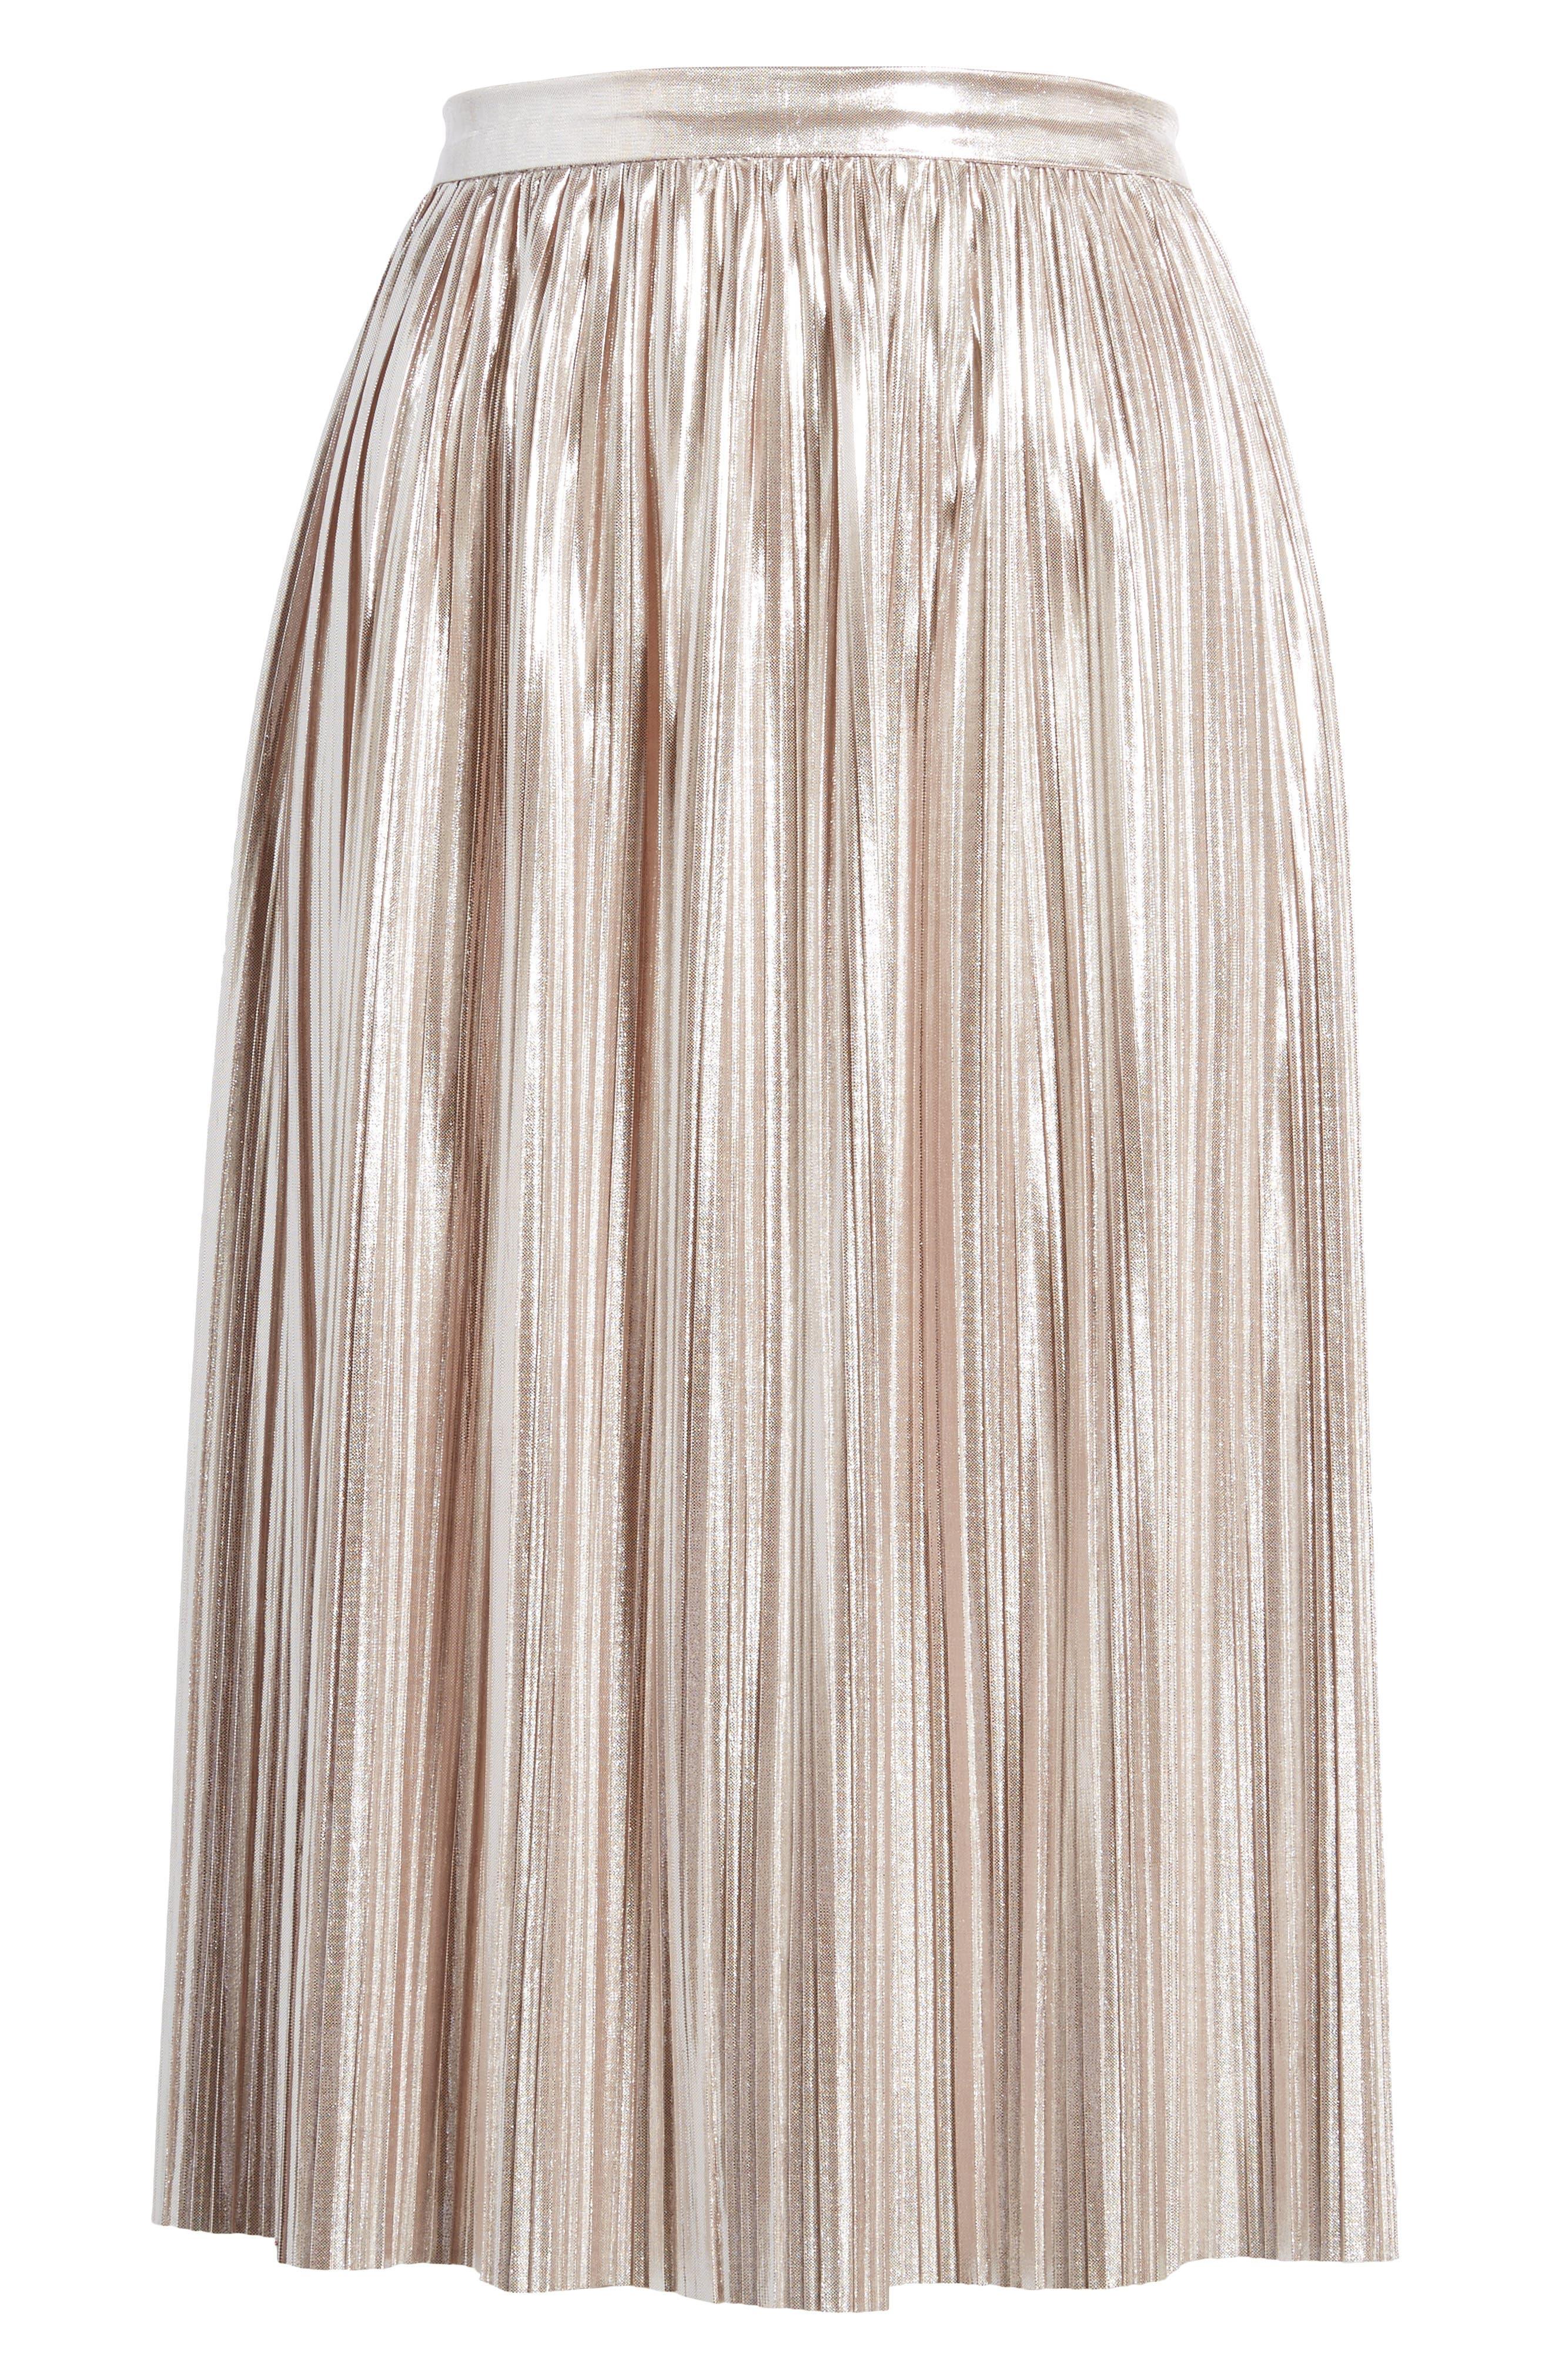 Sateen Ruffle Skirt,                             Alternate thumbnail 6, color,                             Beige Maple